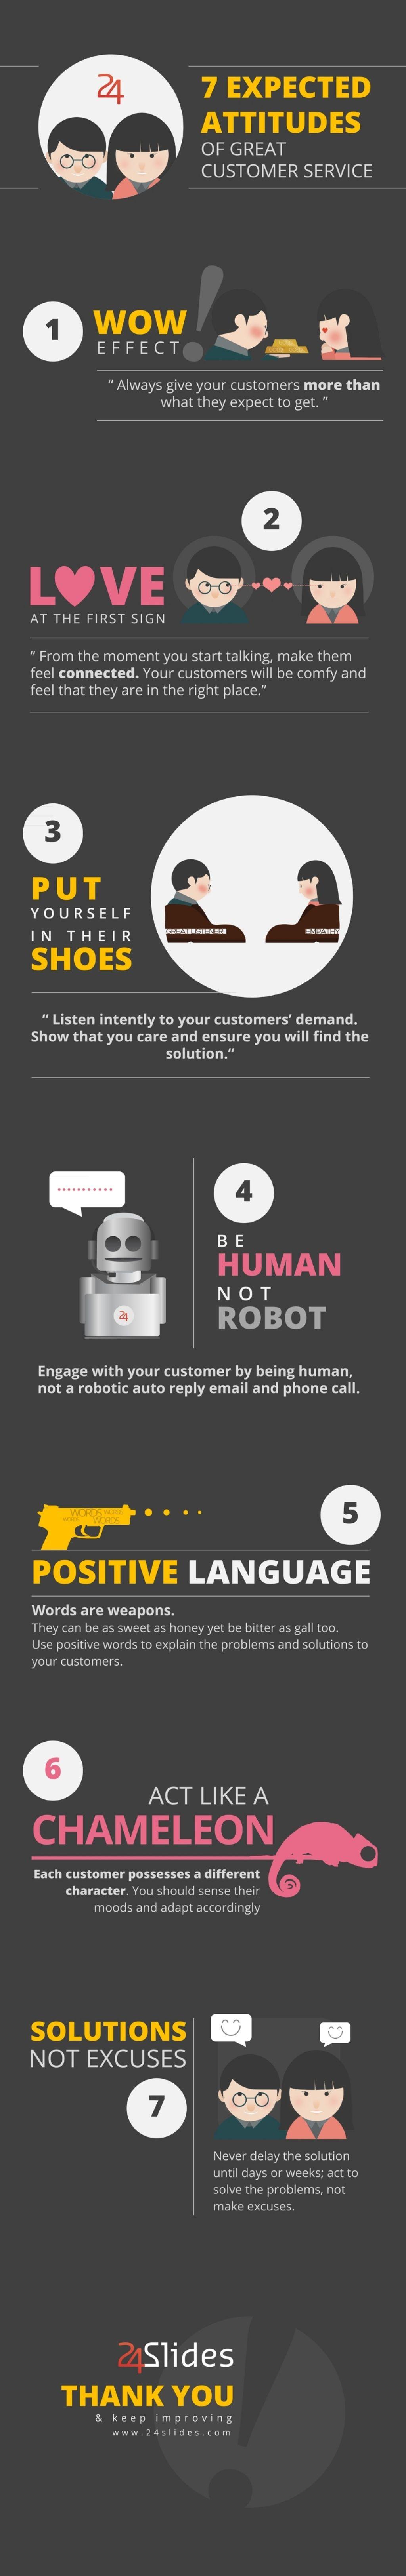 Hola: Una infografía con 7 actitudes esperadas de un servicio de atención al cliente. Vía Un saludo